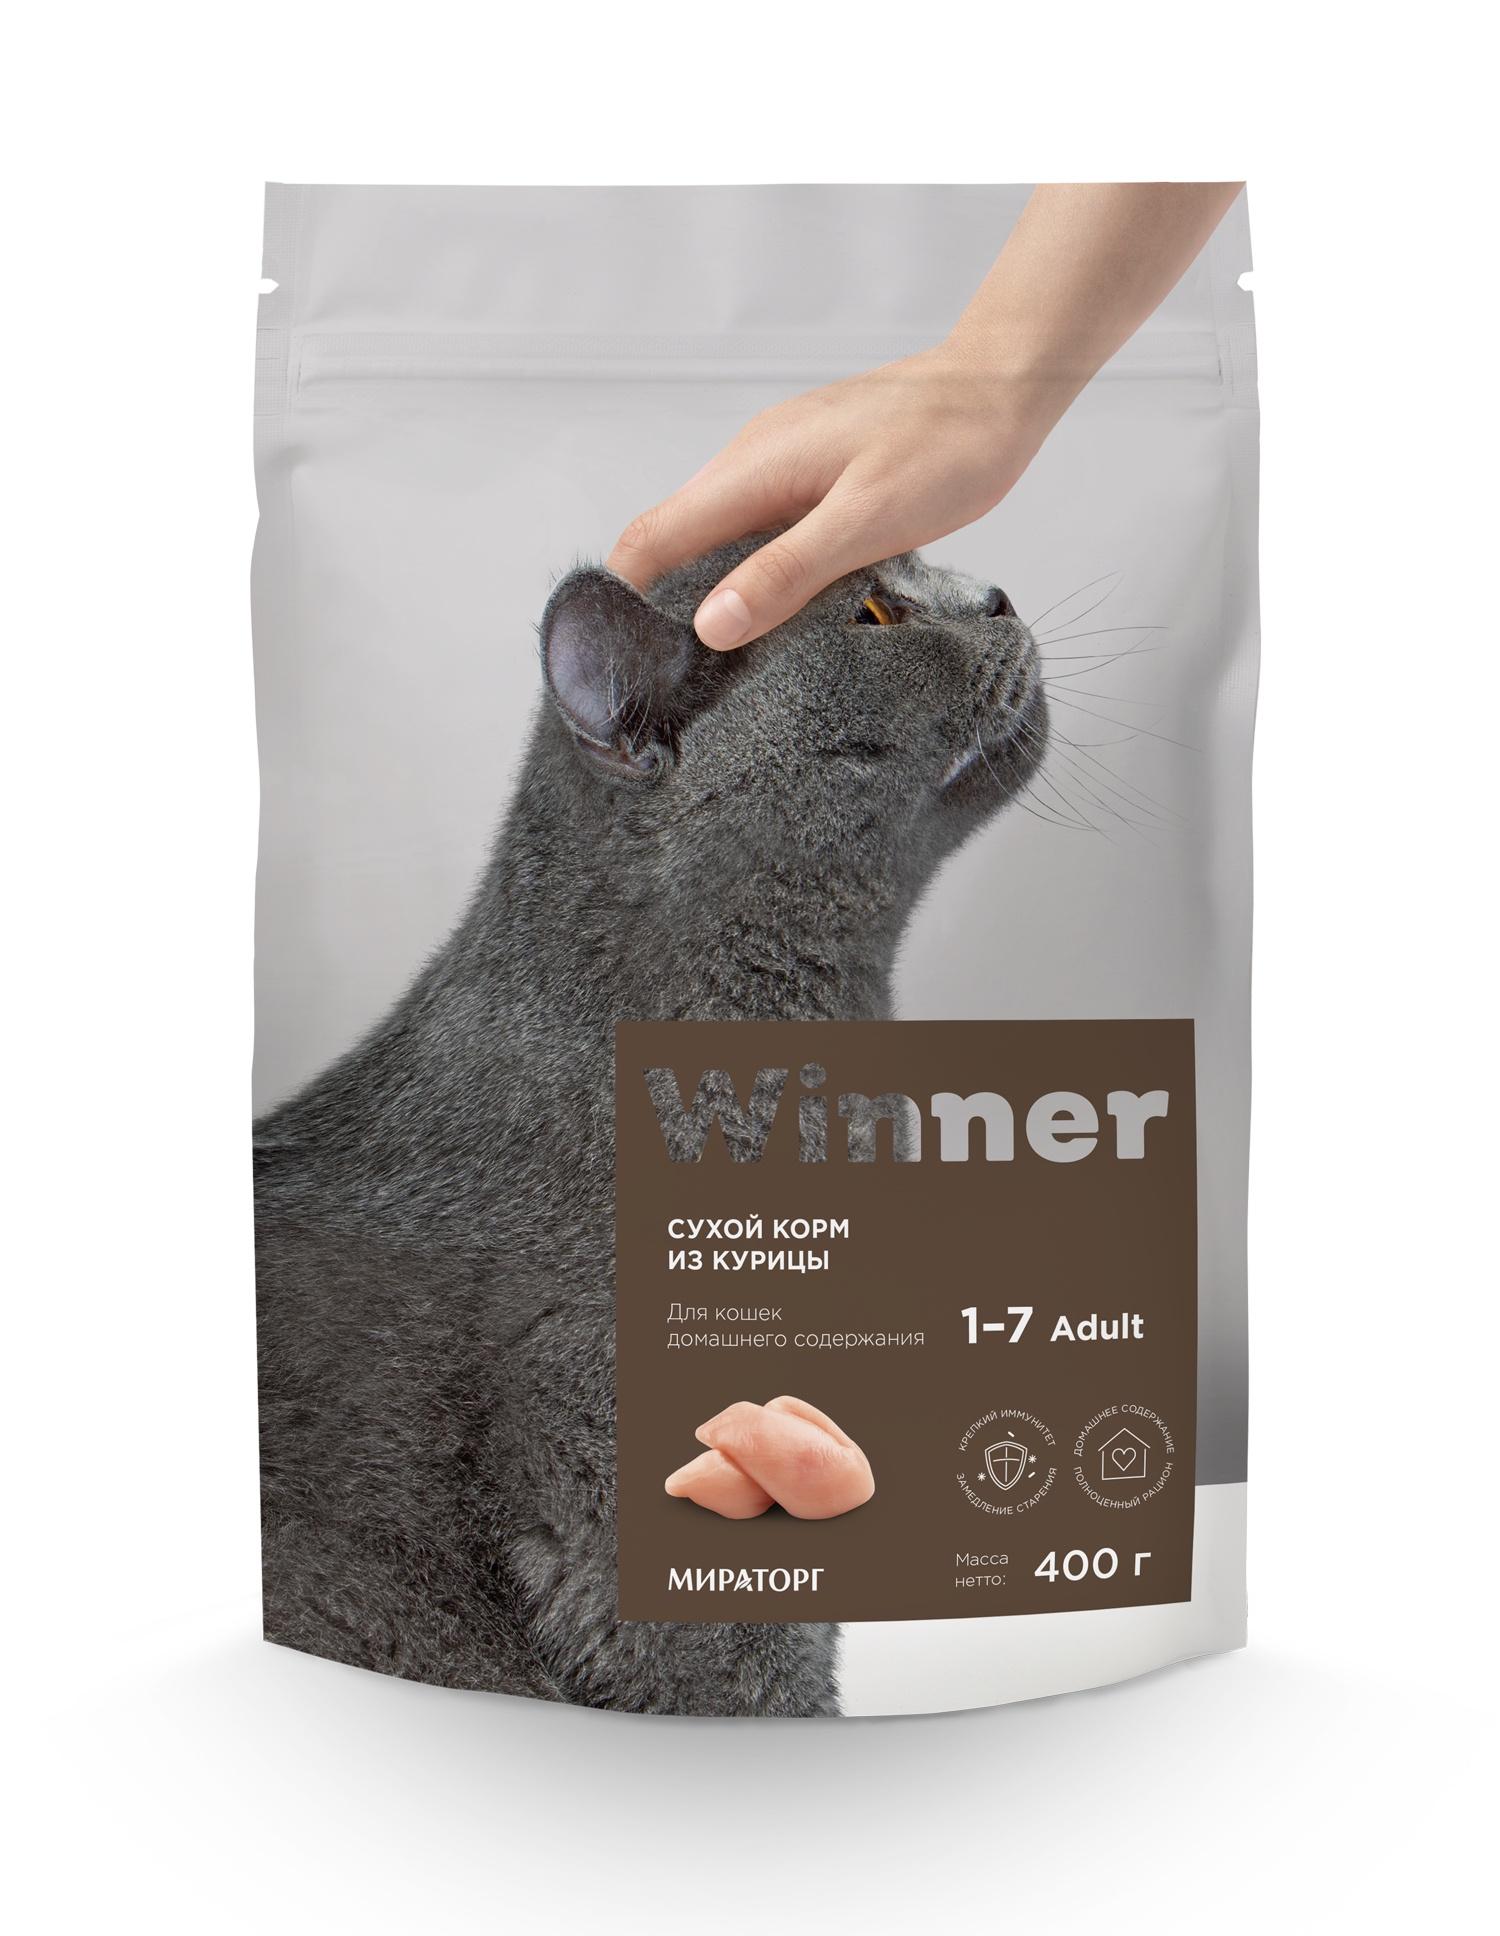 Winner корм для взрослых кошек всех пород домашнего содержания, курица (2 кг) попугаи для домашнего содержания